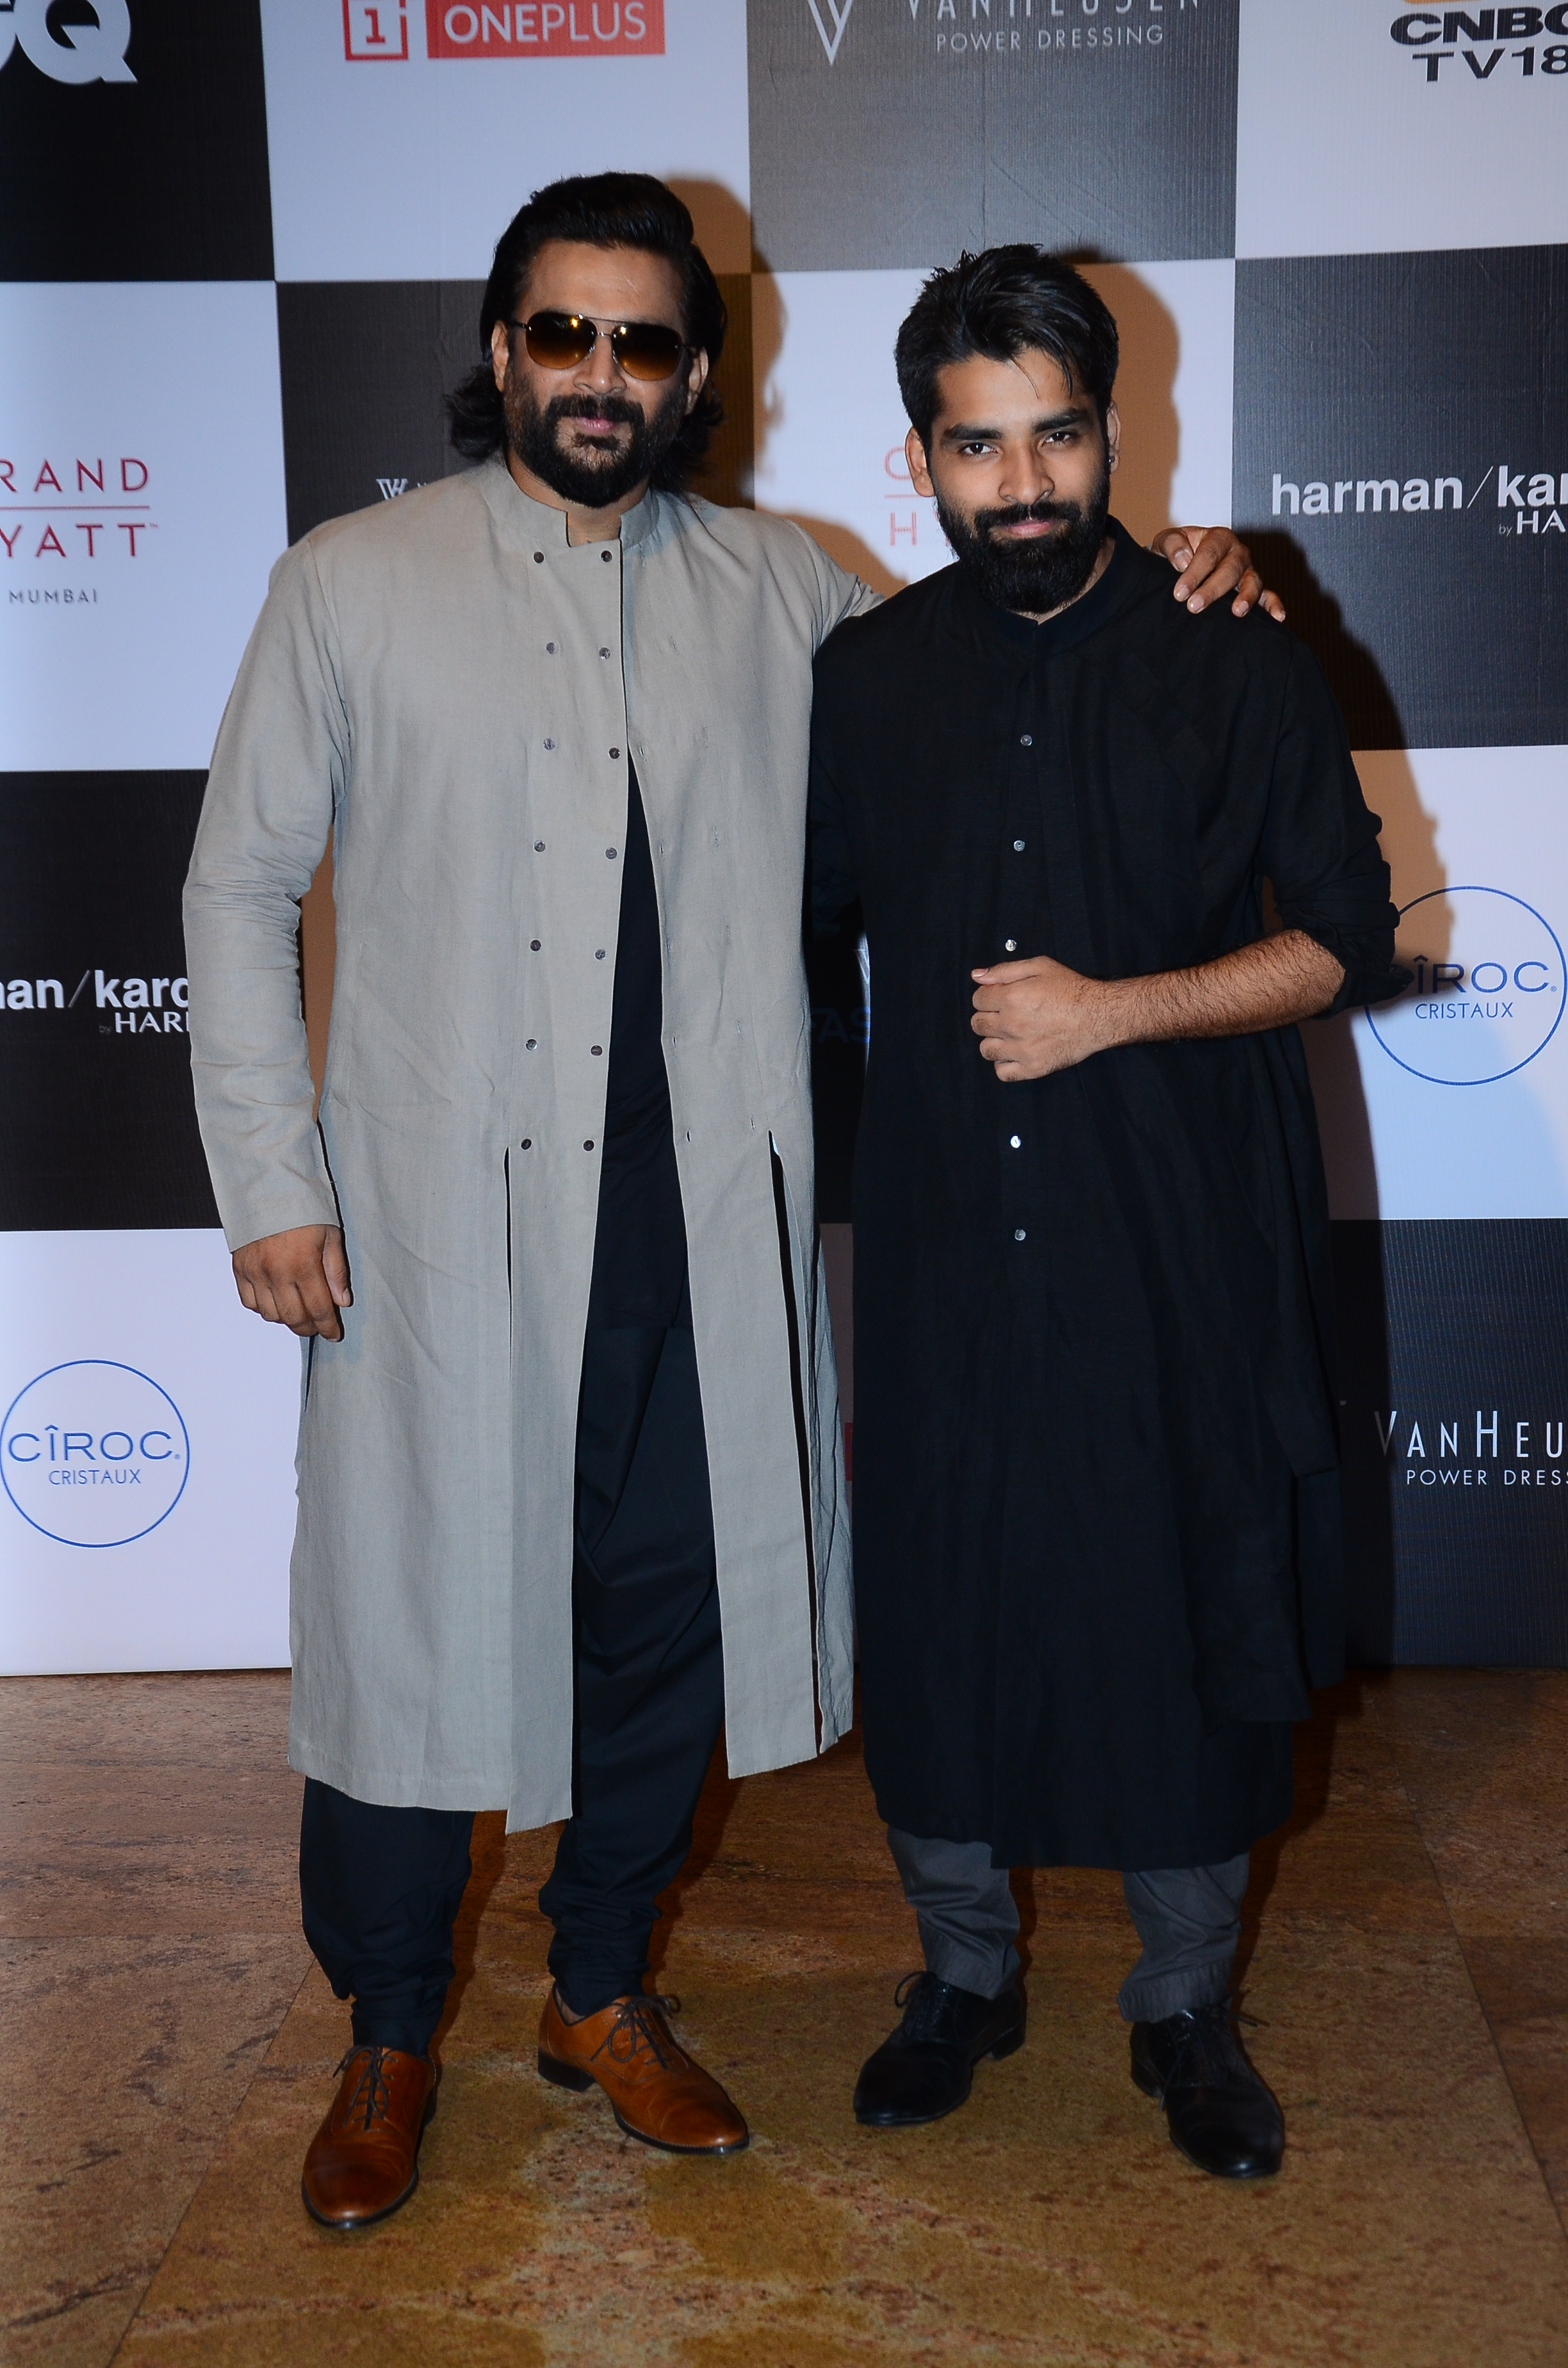 R Madhavan and Ujjawal Dubey